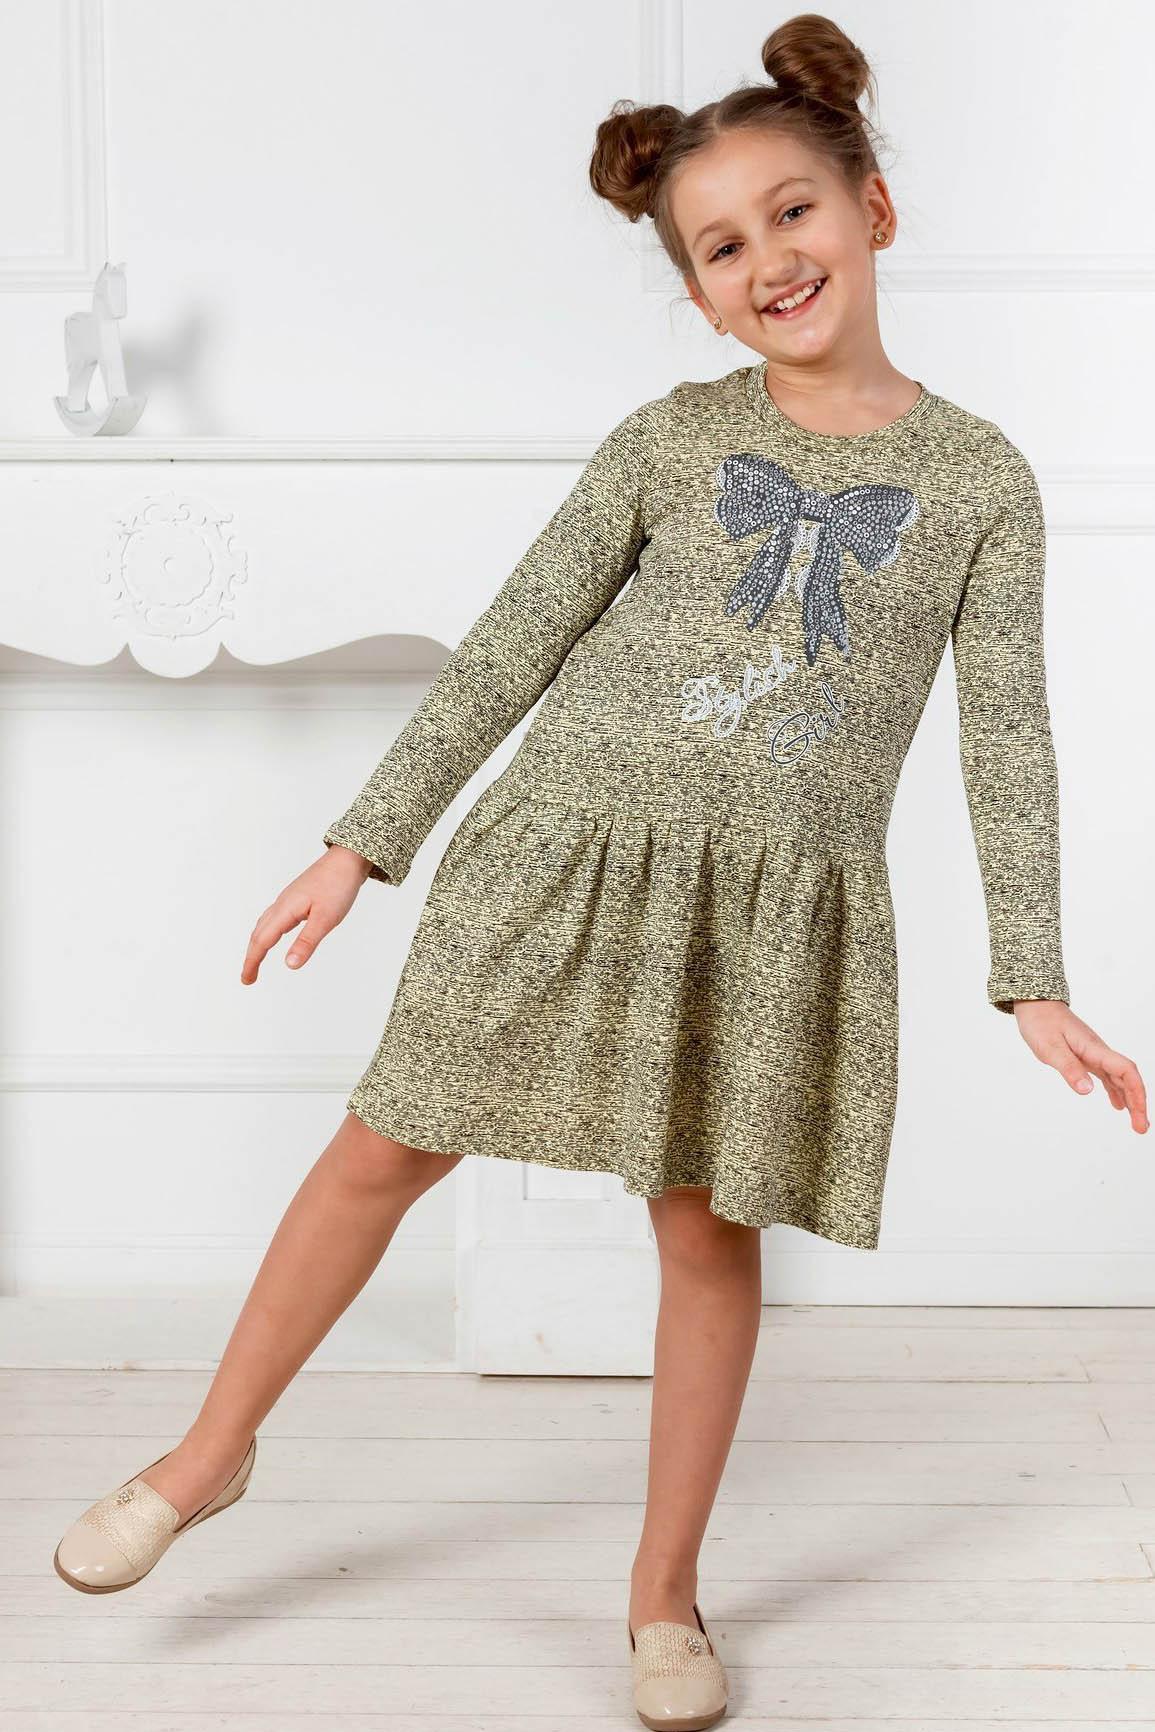 Детская домашняя одежда Pastilla Платье Маленькая Леди (6 лет) маленькая фея детская одежда